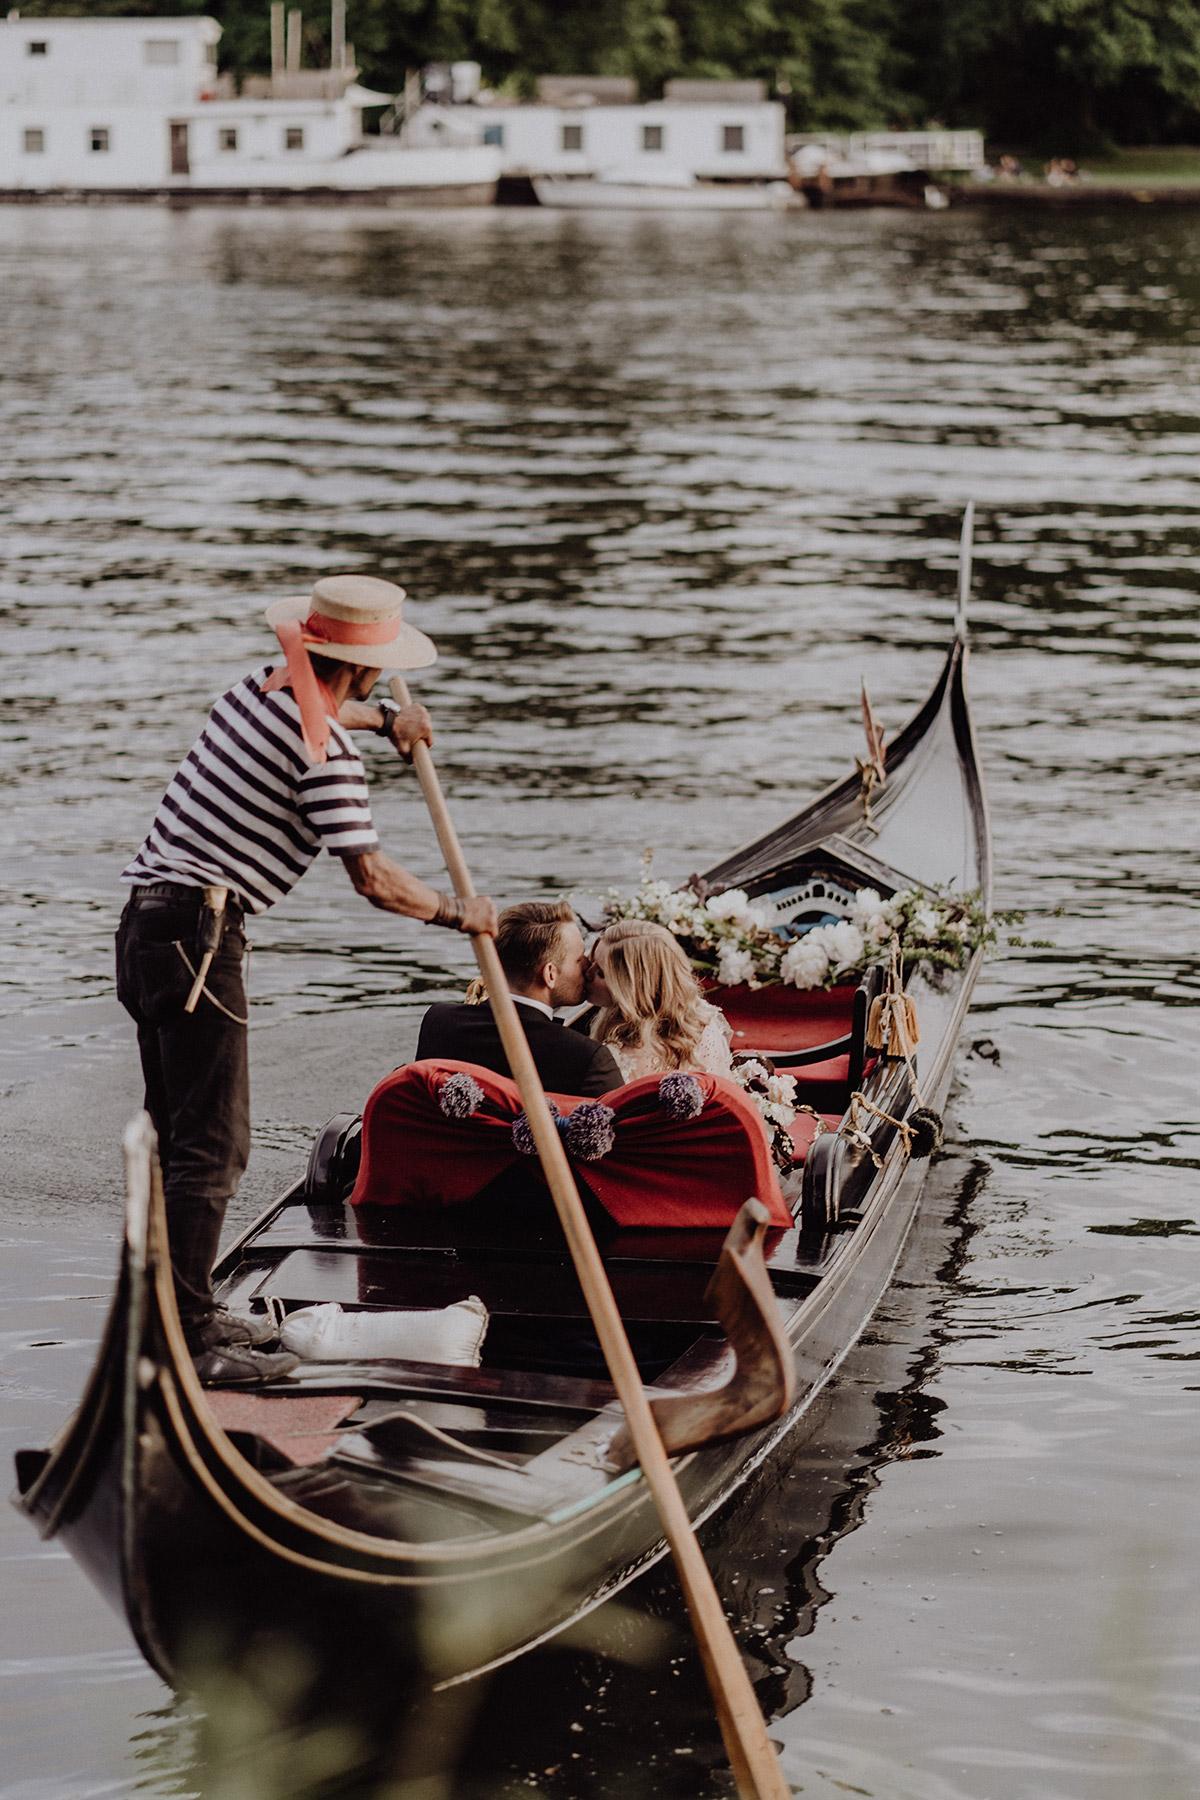 Hochzeitsfoto Brautpaar in venezianischer Gondel von Servizio Gondola bei intimer Hochzeit zu zweit - Berlin Hochzeitsfotograf © www.hochzeitslicht.de